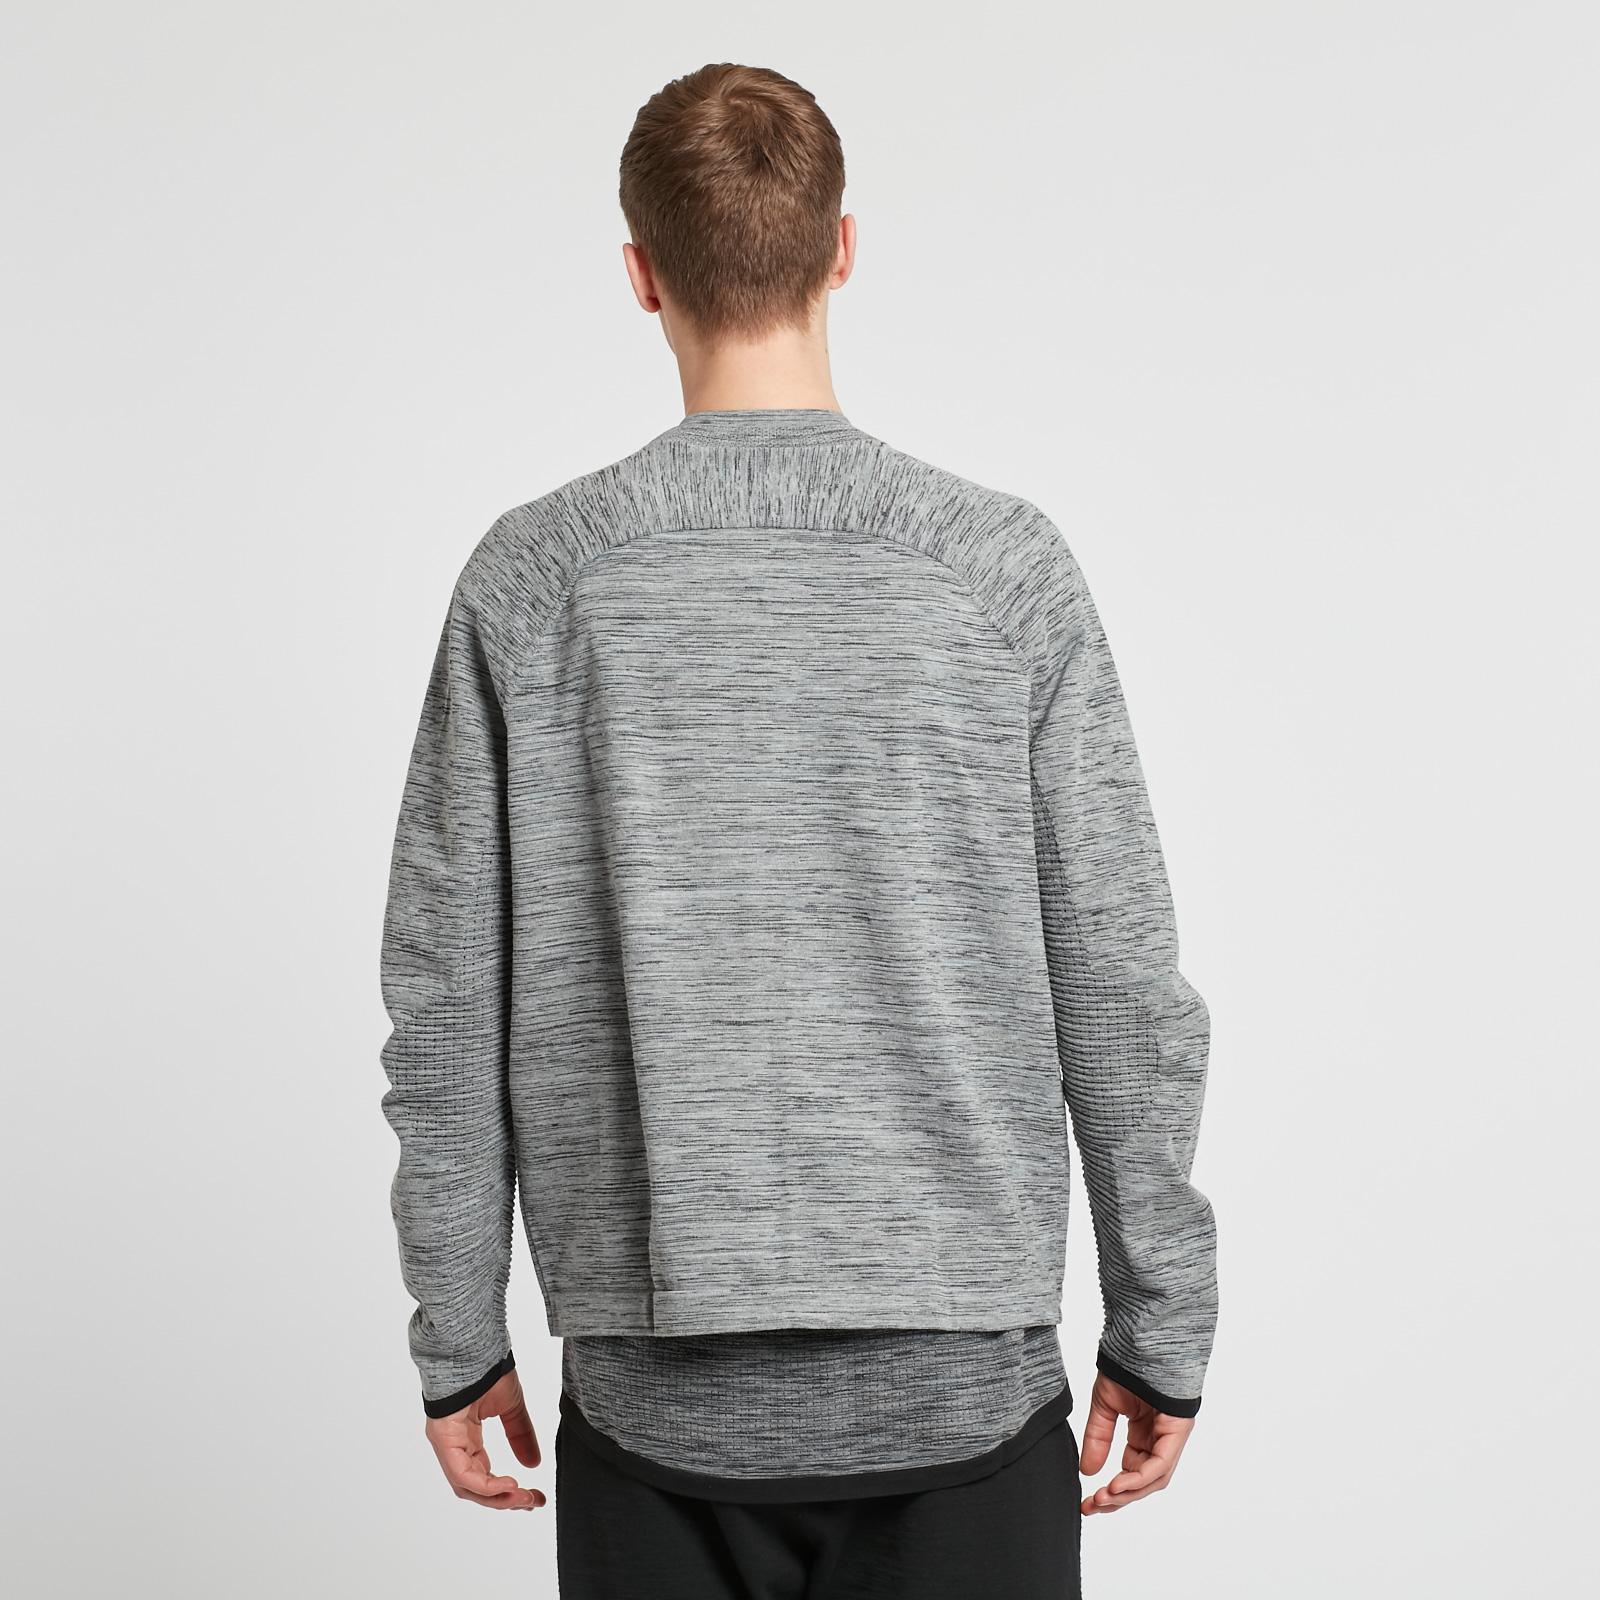 Nike M Nsw Tech Knit Jacket - 832178-060 - Sneakersnstuff  566627804